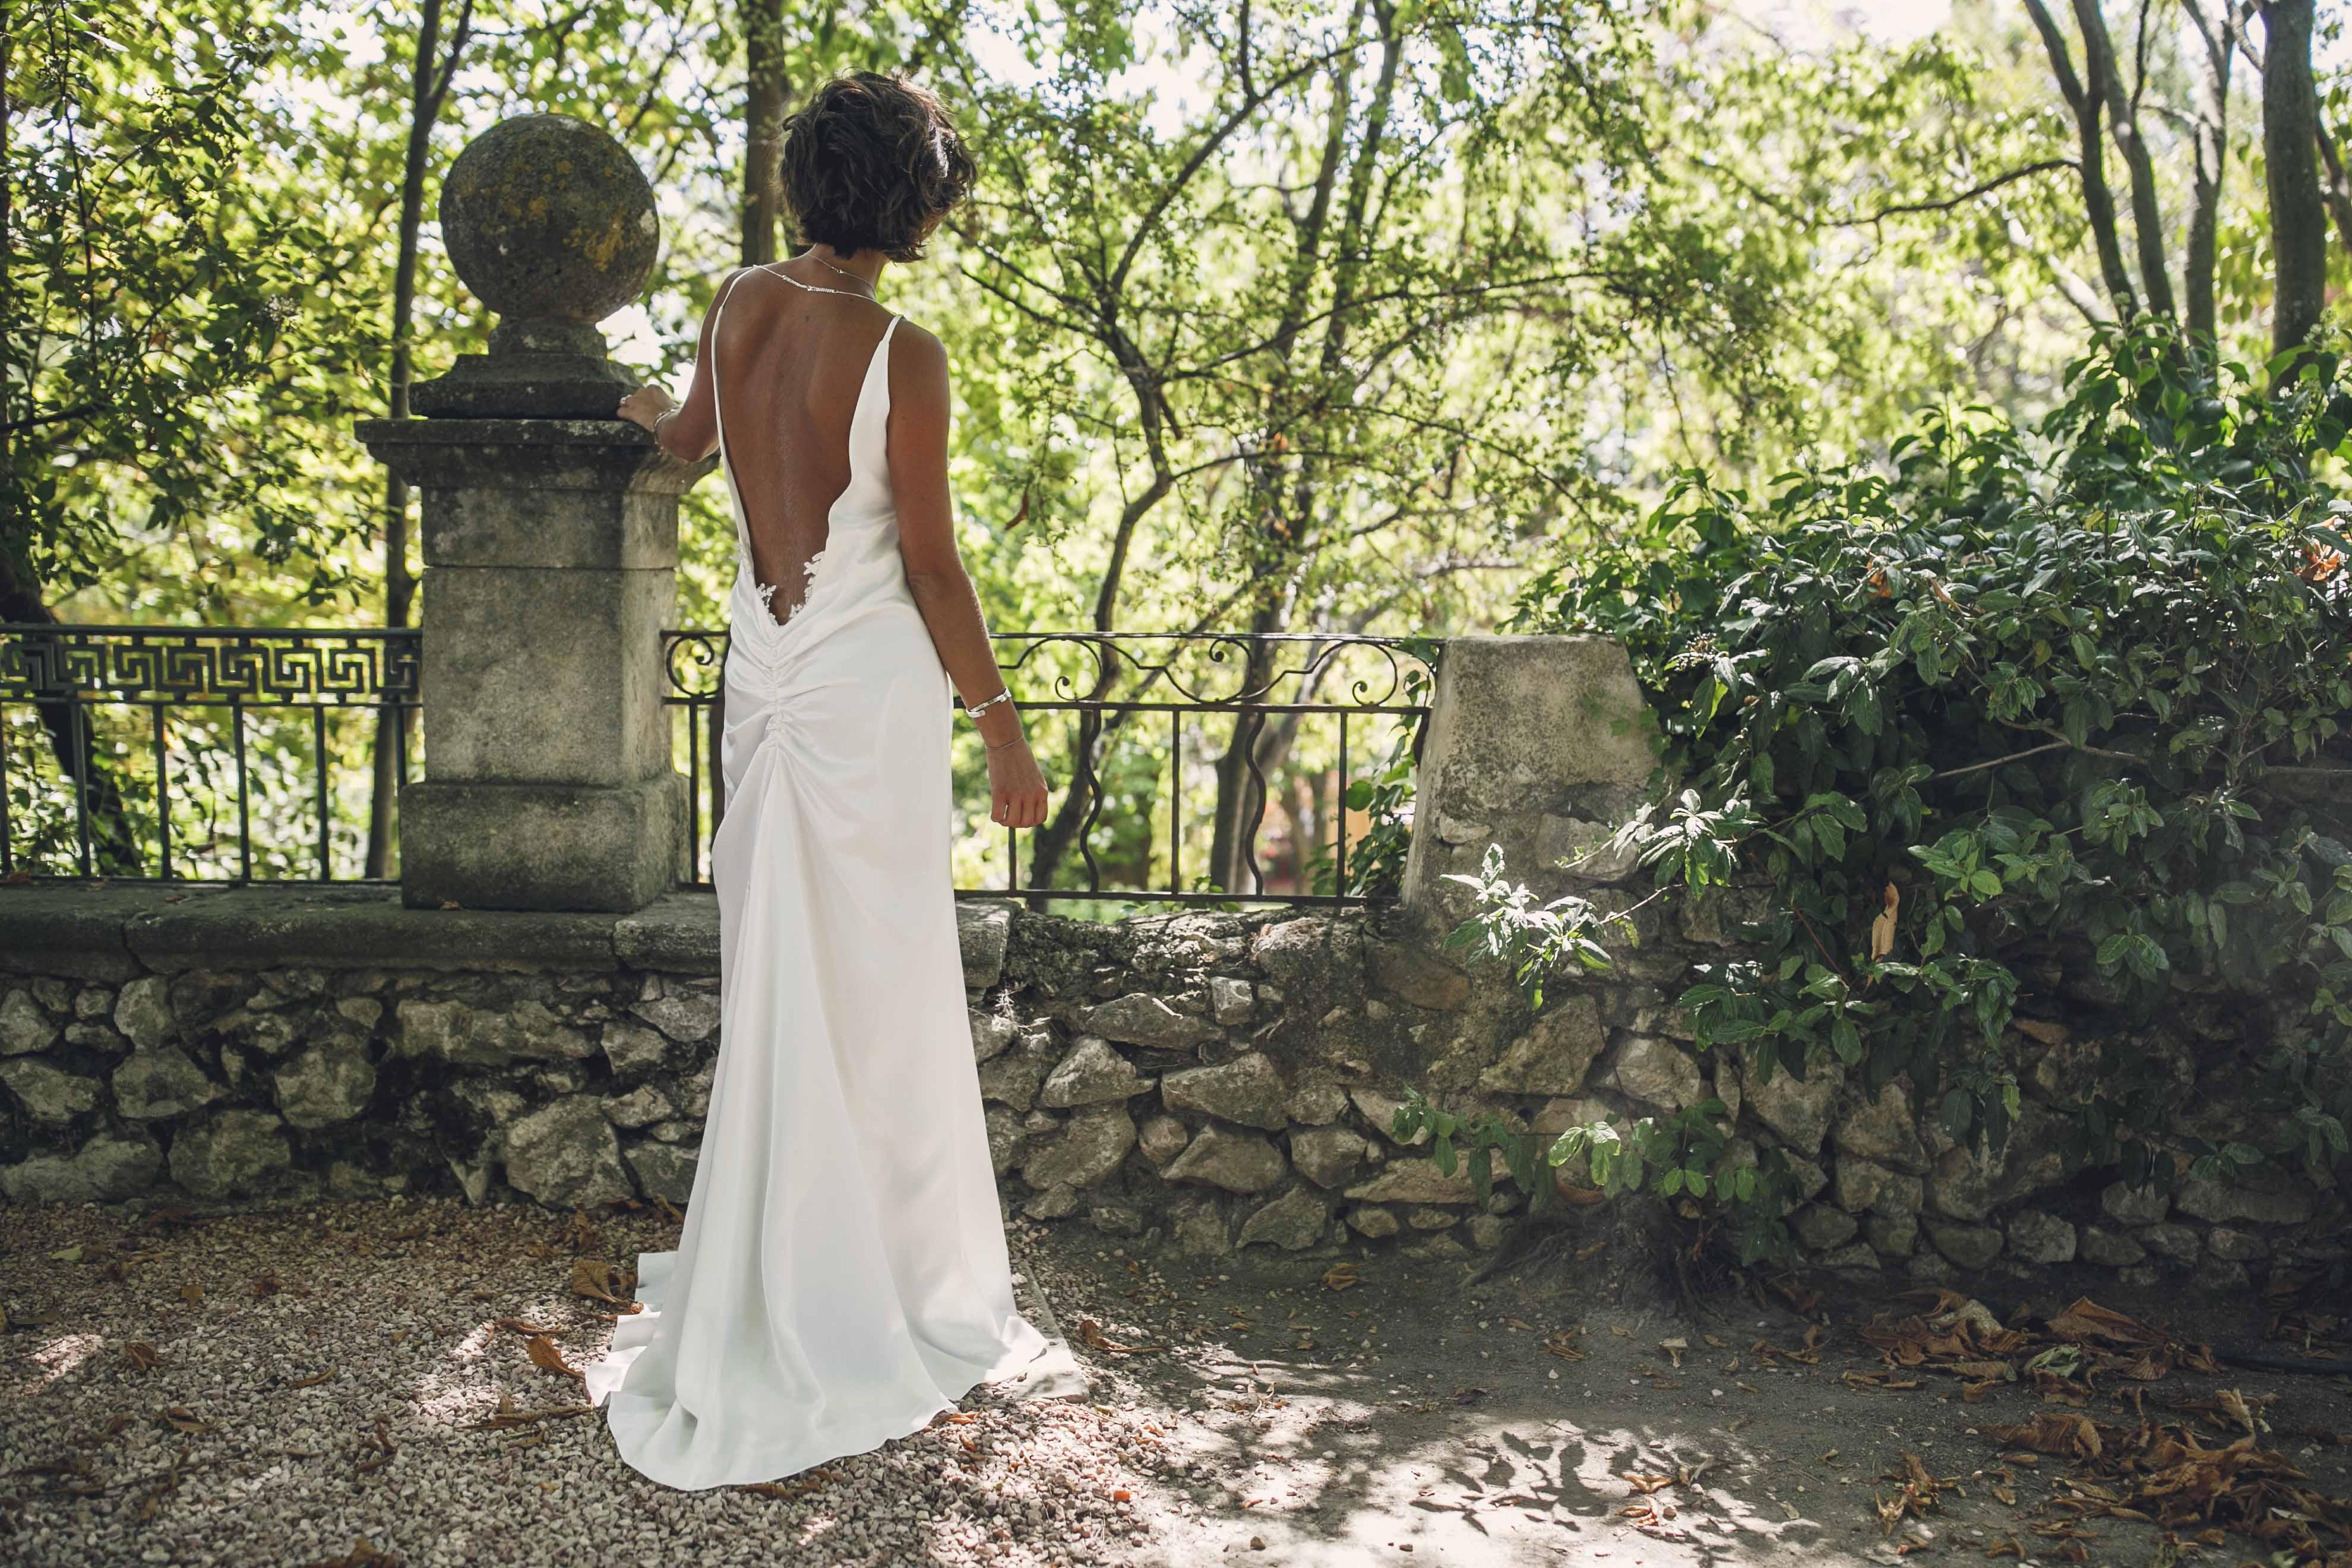 daniel-pelcat-photographe-mariage-0369